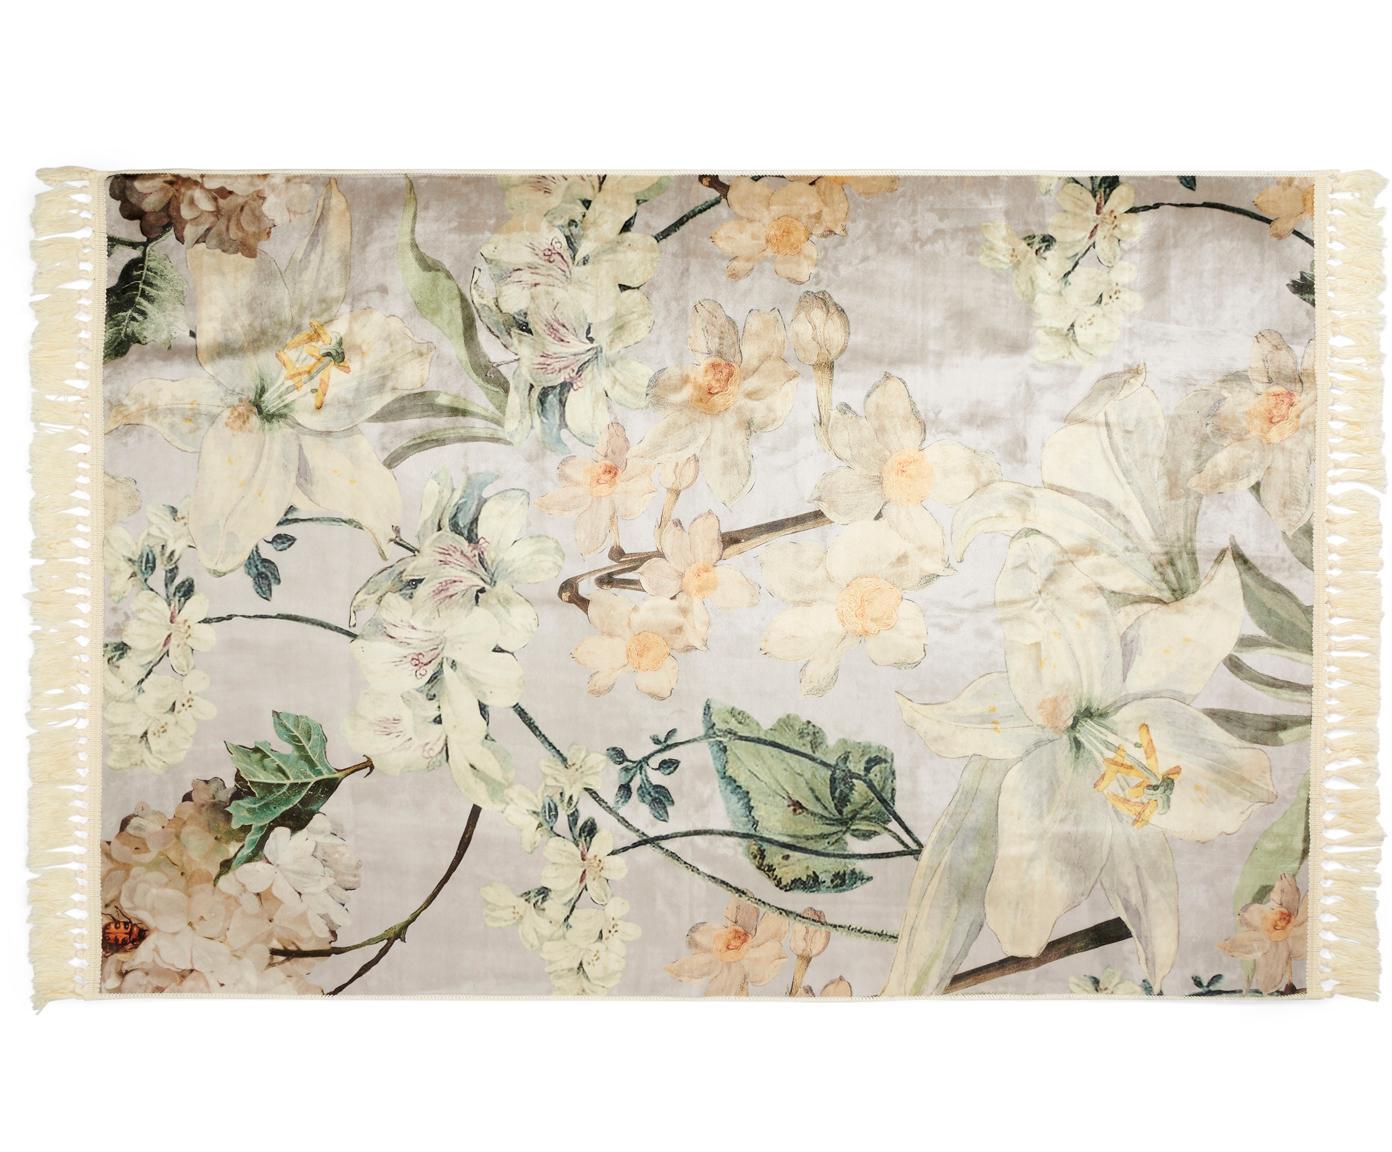 Teppich Rosalee mit Blumenmuster, 60% Polyester, 30% thermoplastisches Polyurethan, 10% Baumwolle, Hellgrau, Mehrfarbig, B 120 x L 180 cm (Größe S)